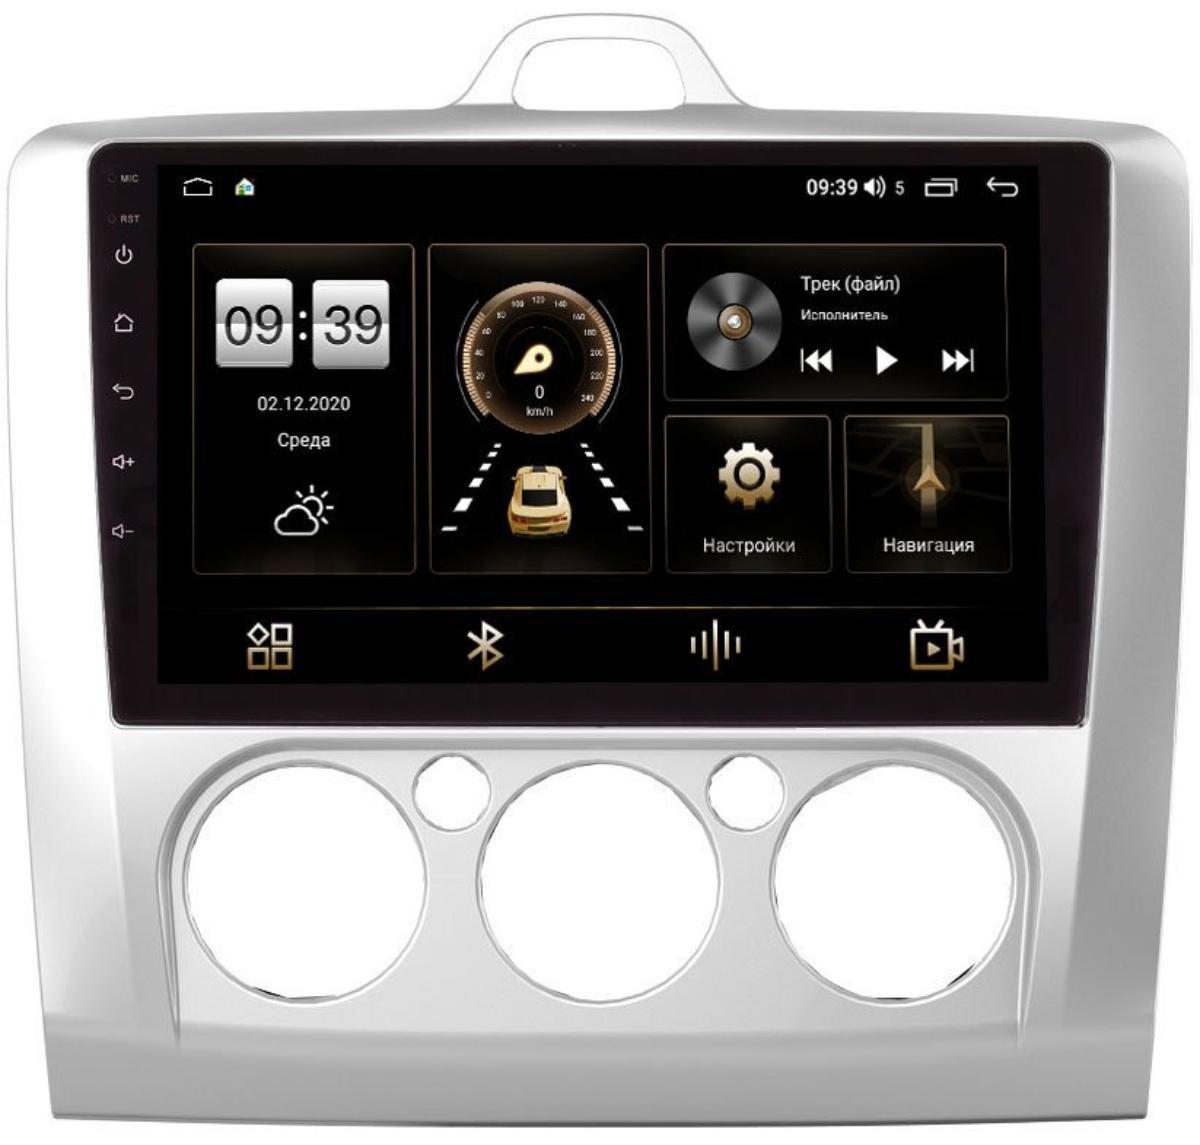 Штатная магнитола LeTrun 4166-9157 для Ford Focus 2005-2011 с печкой на Android 10 (4G-SIM, 3/32, DSP, QLed) (+ Камера заднего вида в подарок!)